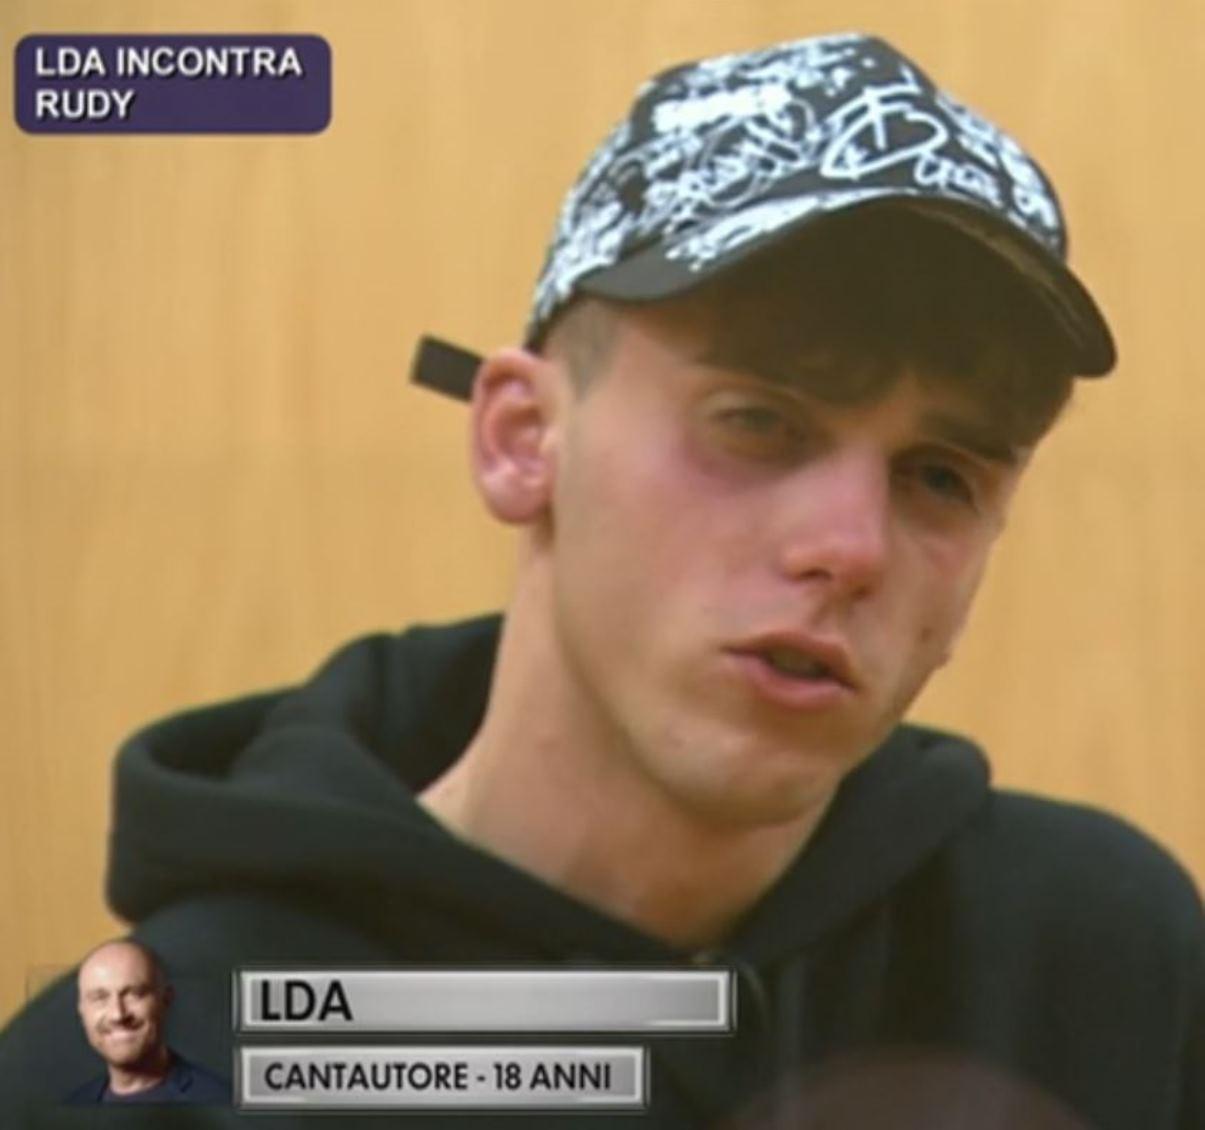 LDA Luca D'Alessio lacrime Amici 21